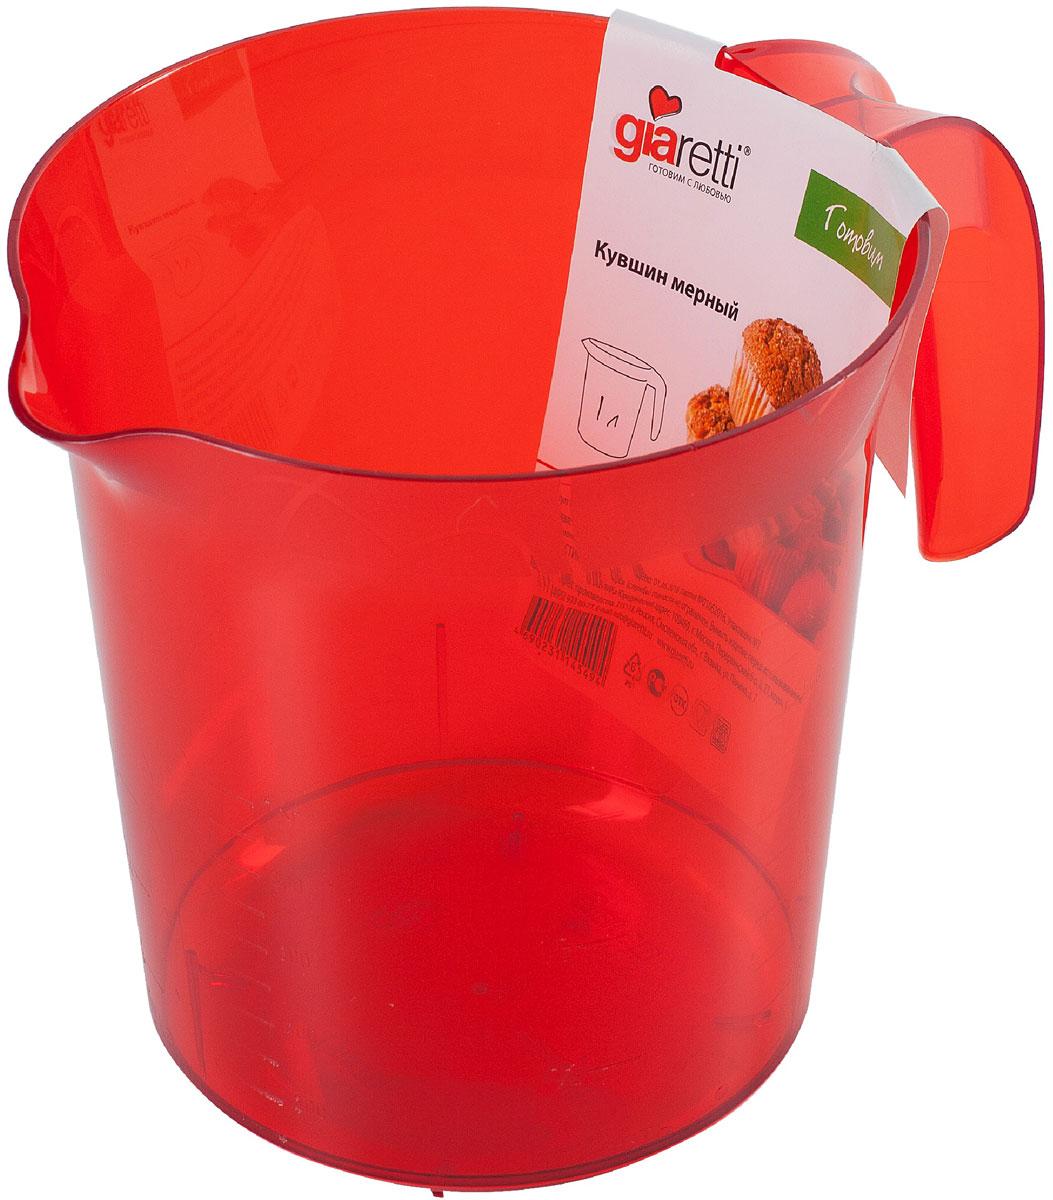 """Мерный прозрачный стакан """"Giaretti"""" выполнен из высококачественного пластика. Стакан оснащен  удобной ручкой и носиком, которые делают изделие еще более простым в использовании.  Он позволяет мерить жидкости до 1 л. Удобная форма стакана позволяет как отмерить  необходимое количество продукта, так и взбить/замесить его непосредственно в прямо в этой же  емкости.  Такой стаканчик пригодится каждой хозяйке на кухне, ведь зачастую приготовление  некоторых блюд требует известной точности. Объем: 1 л. Диаметр (по верхнему краю): 13,5 см. Высота: 15 см."""